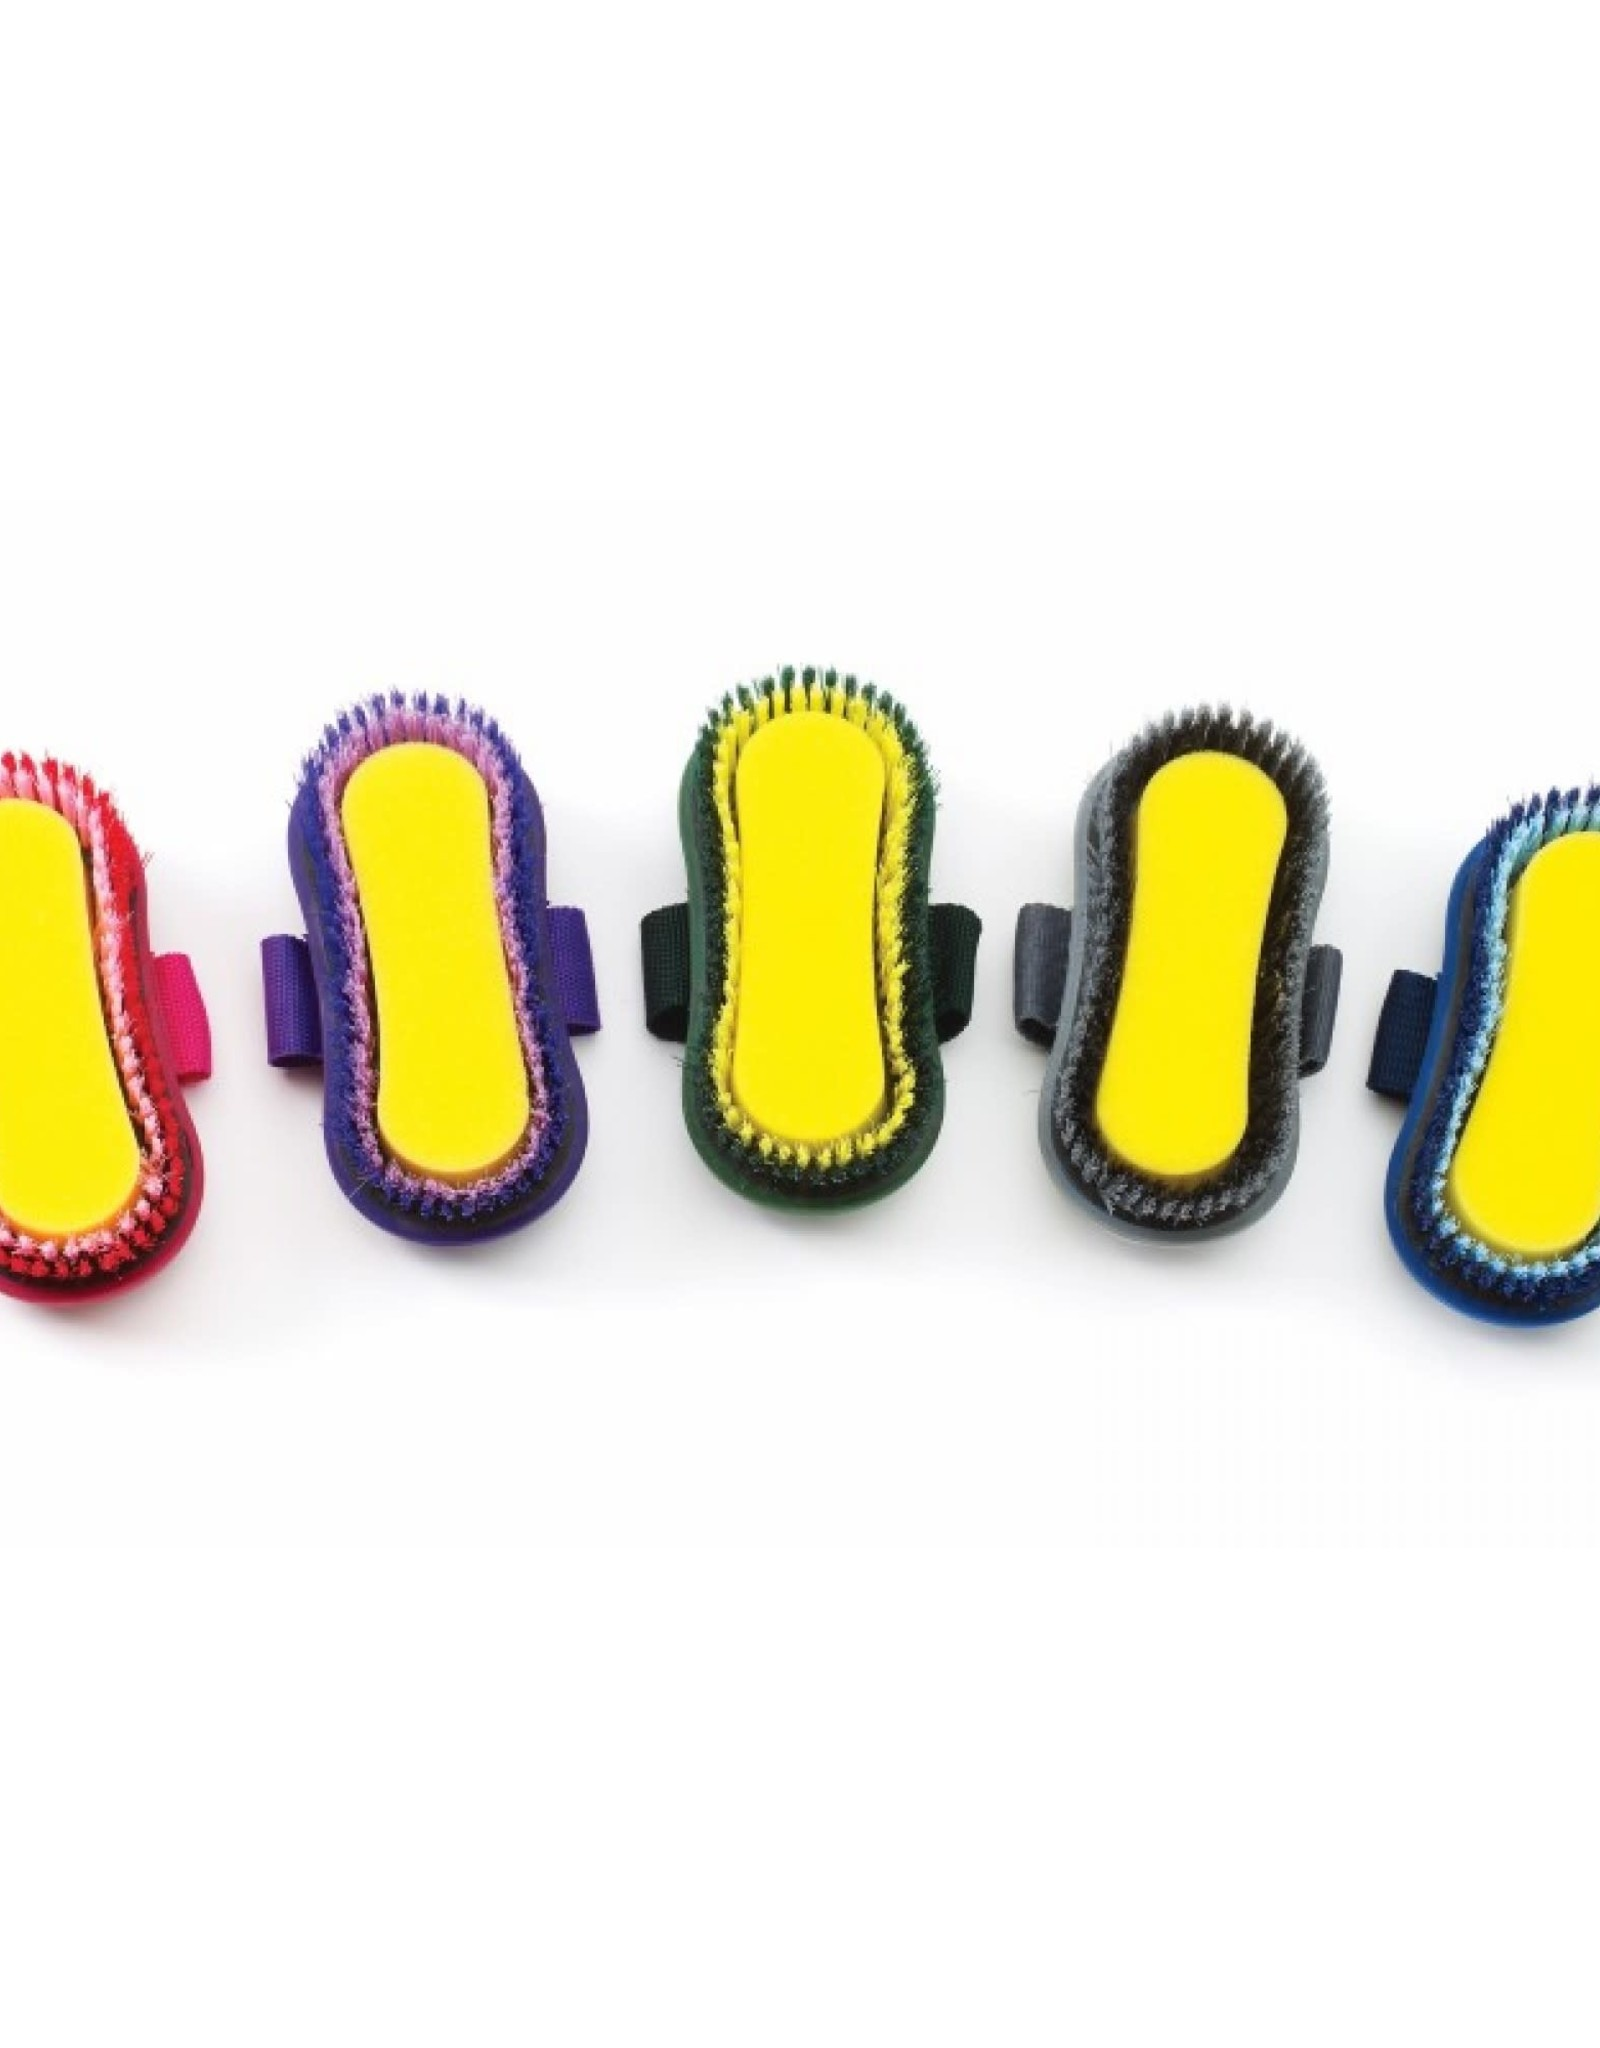 EQUI-ESSENTIALS SOFT GRIP SPONGE BRUSH (multi-colour)